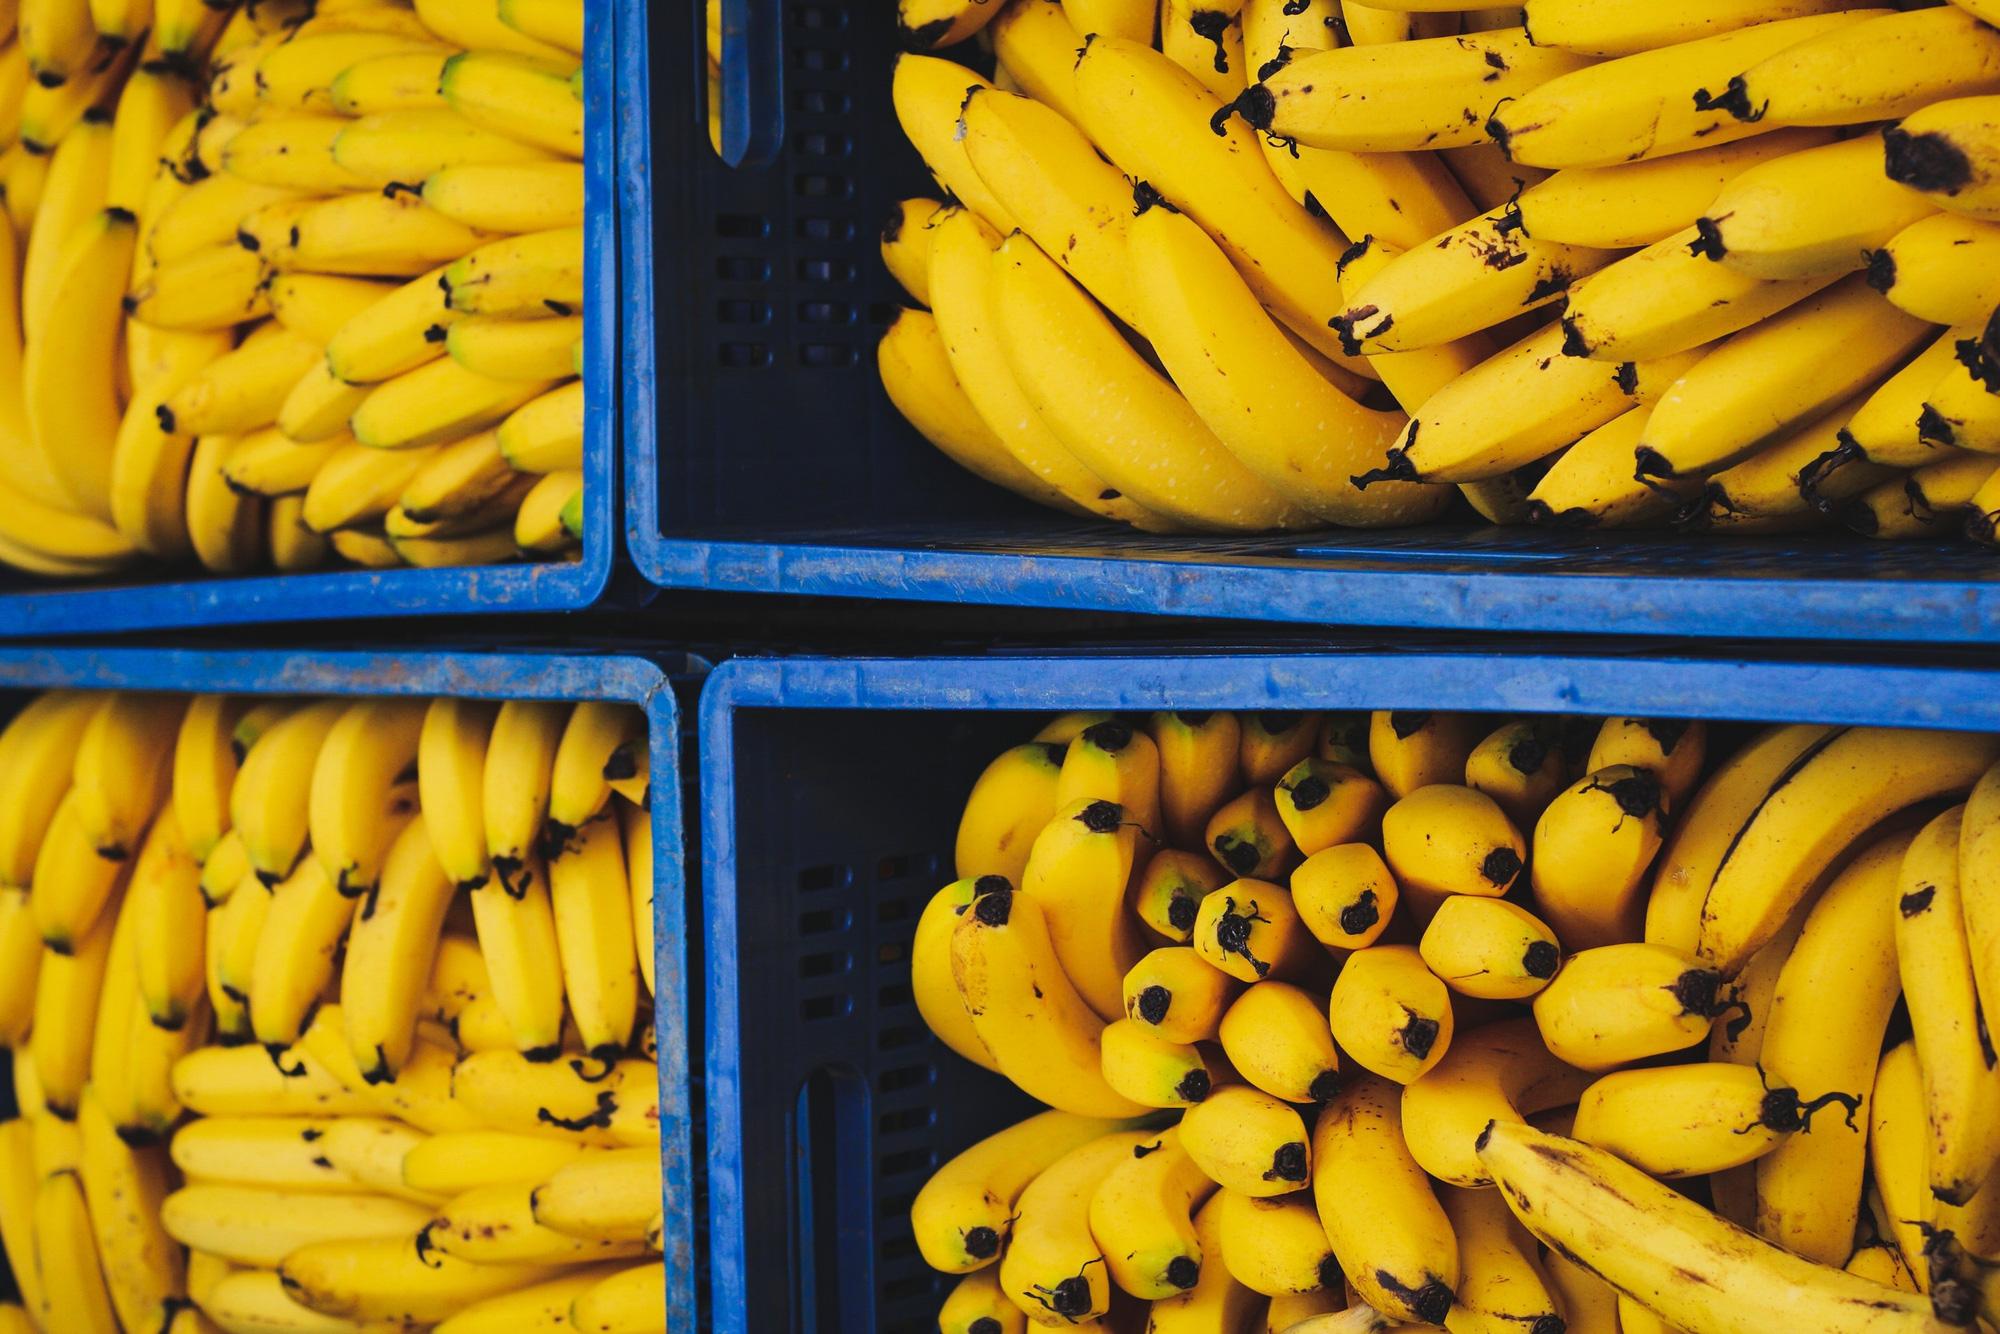 EU có nhu cầu cao về sản phẩm rau quả từ các nước đang phát triển - Ảnh 2.